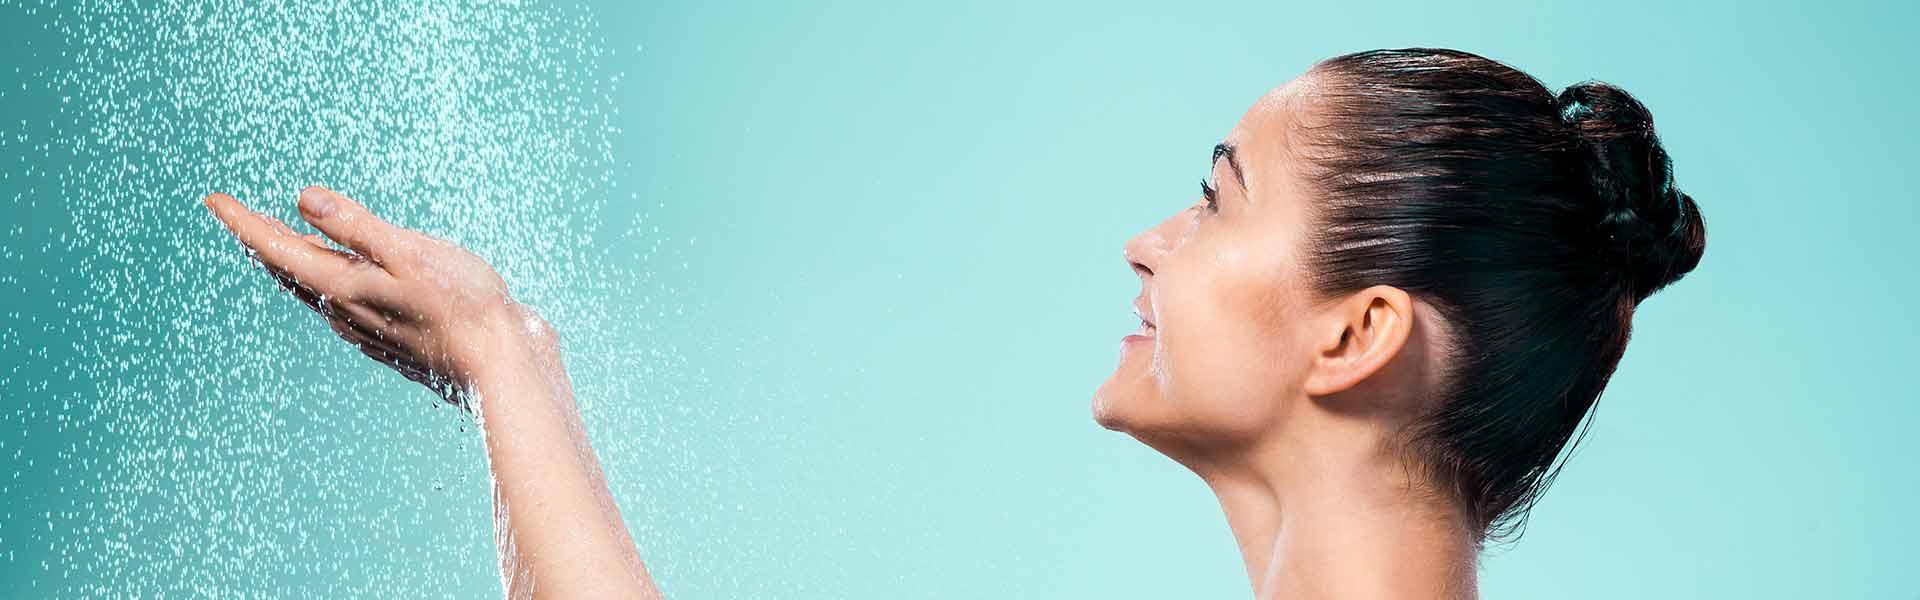 Growthdeck: Kelda Showers